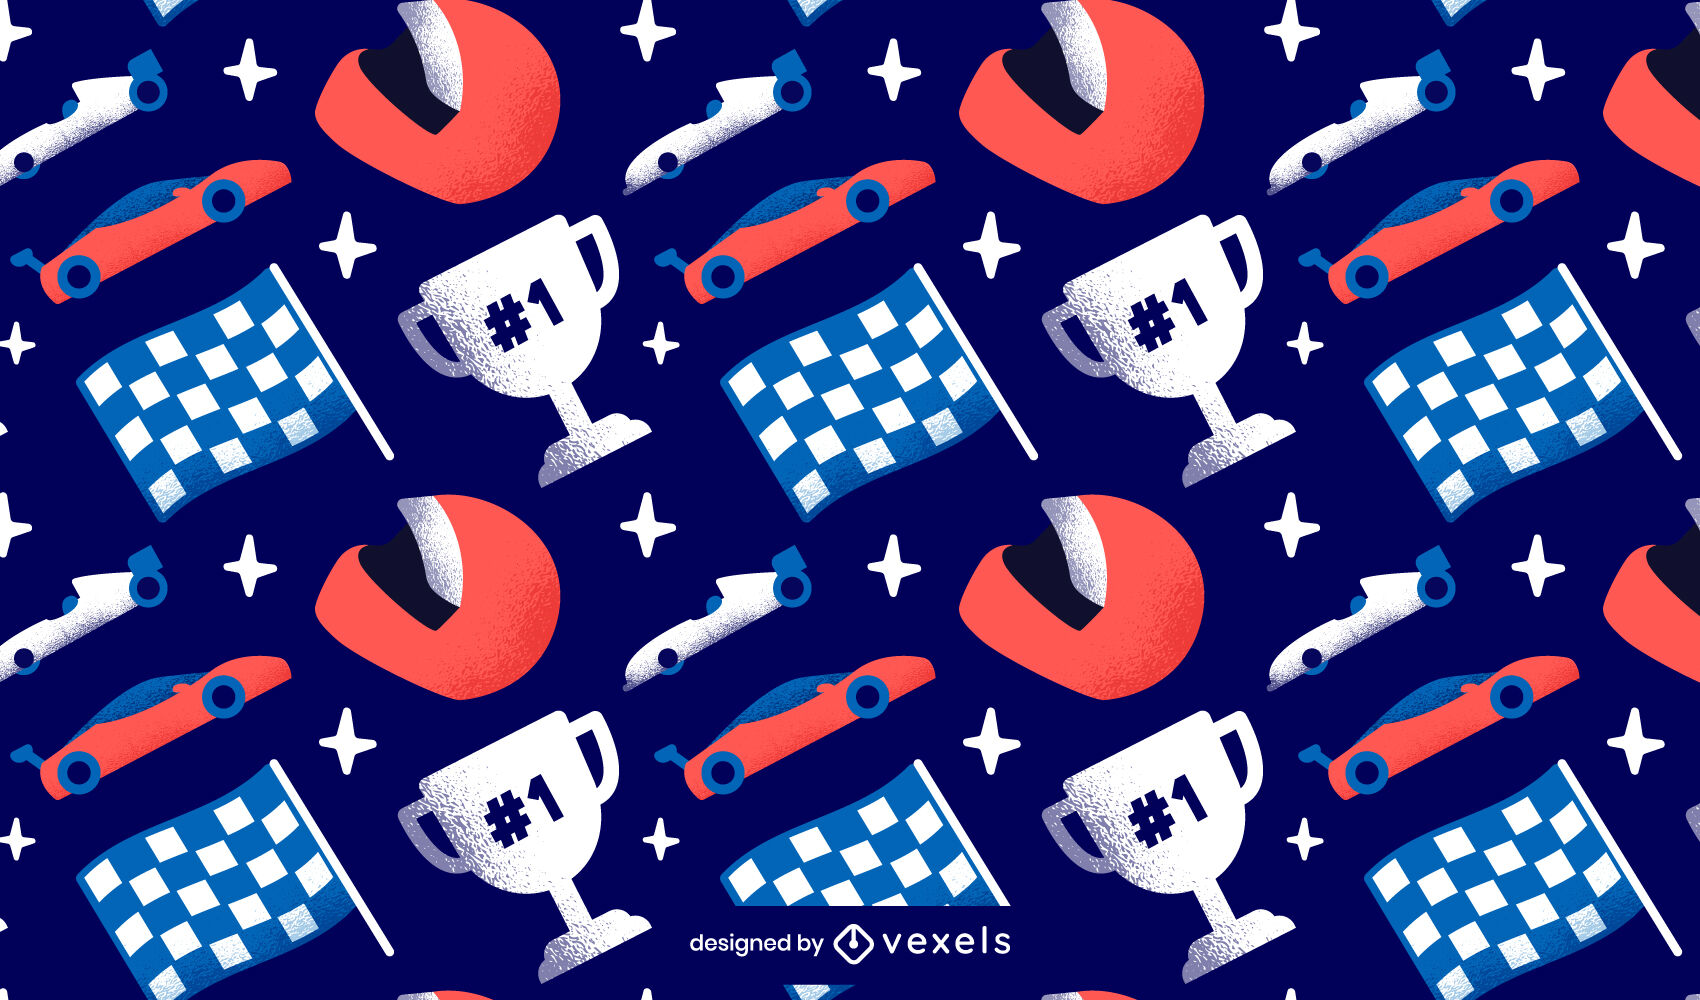 Design des Wettbewerbsmusters für Autorennen